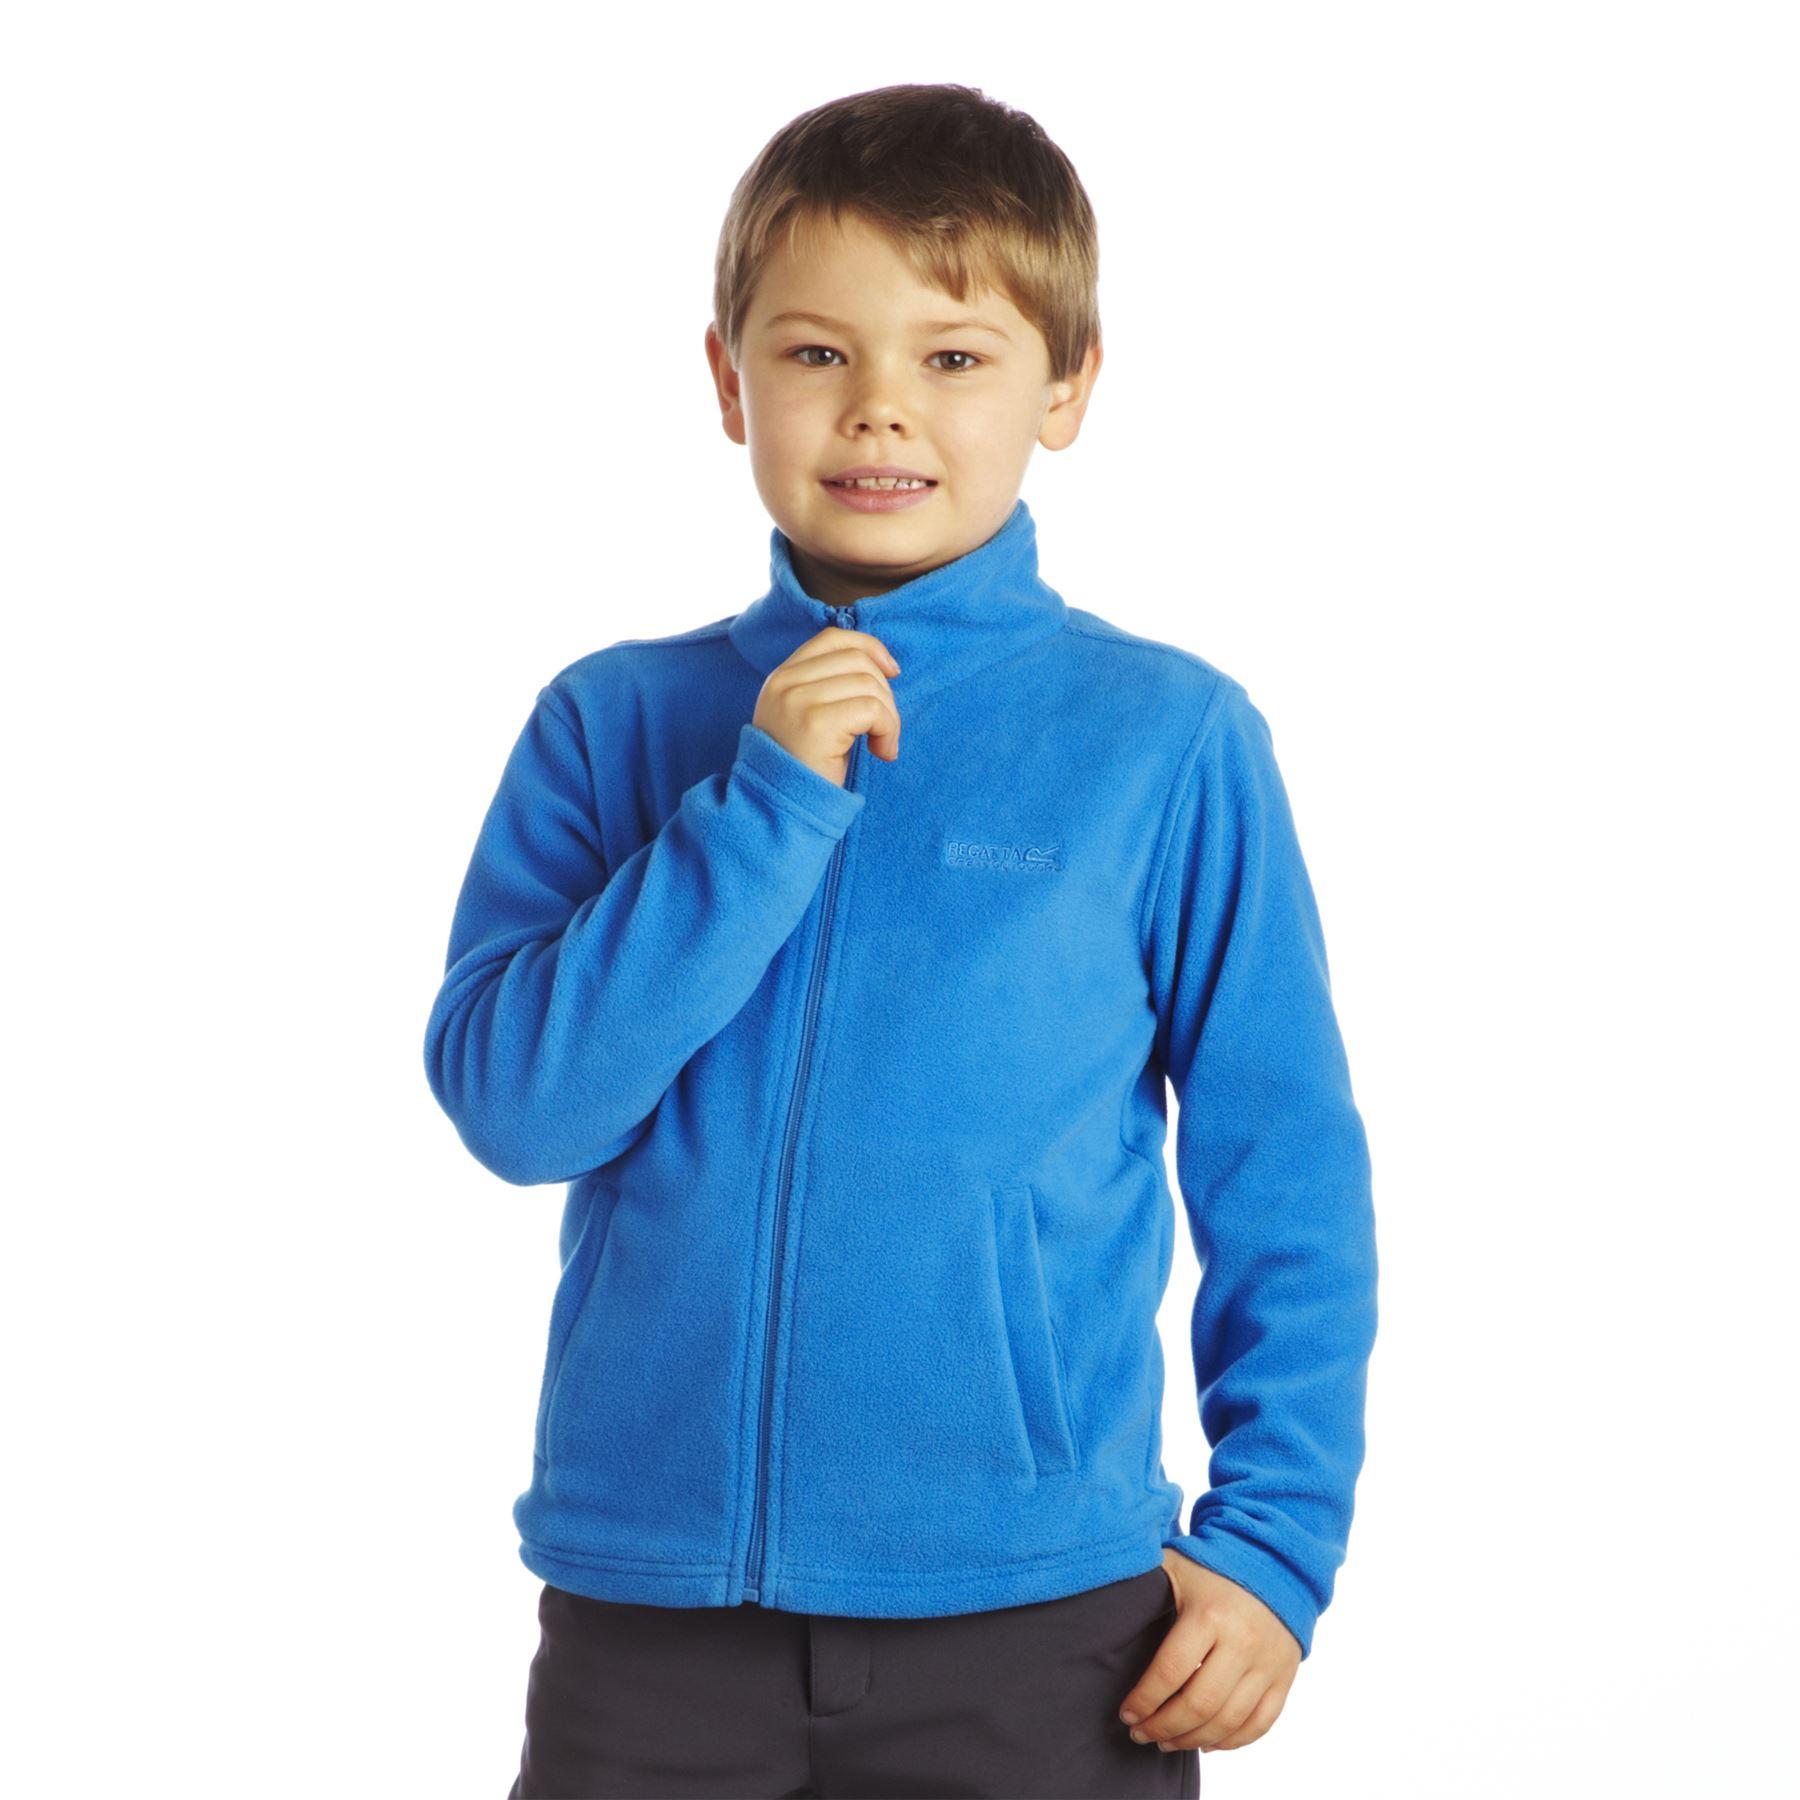 Fleece Jacket Kids | Outdoor Jacket